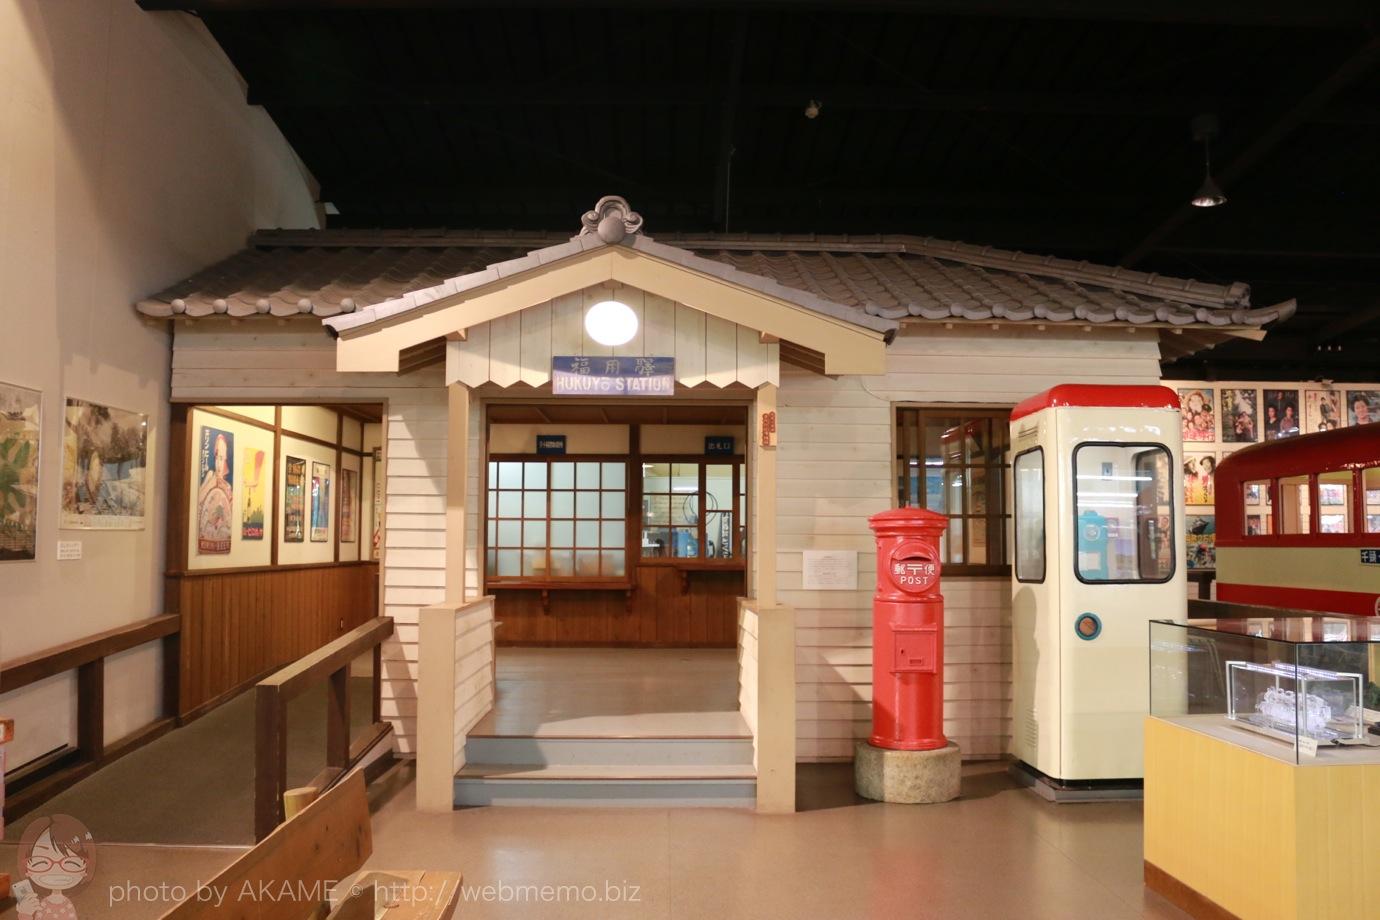 駅の形をした建物